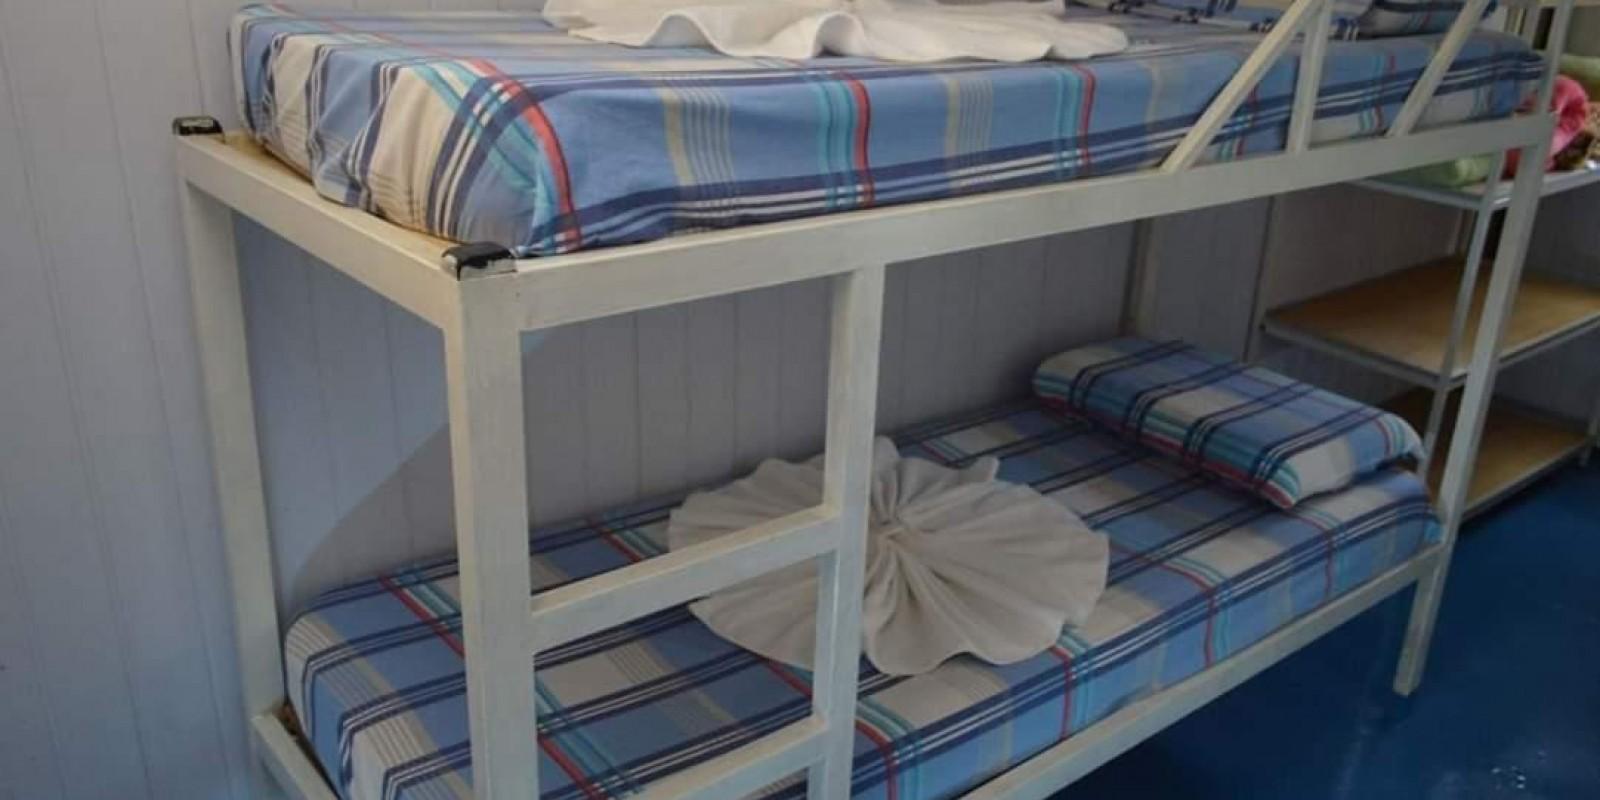 BARCO HOTEL TUBARÃO / LUIZ ALVES - Foto 2 de 10